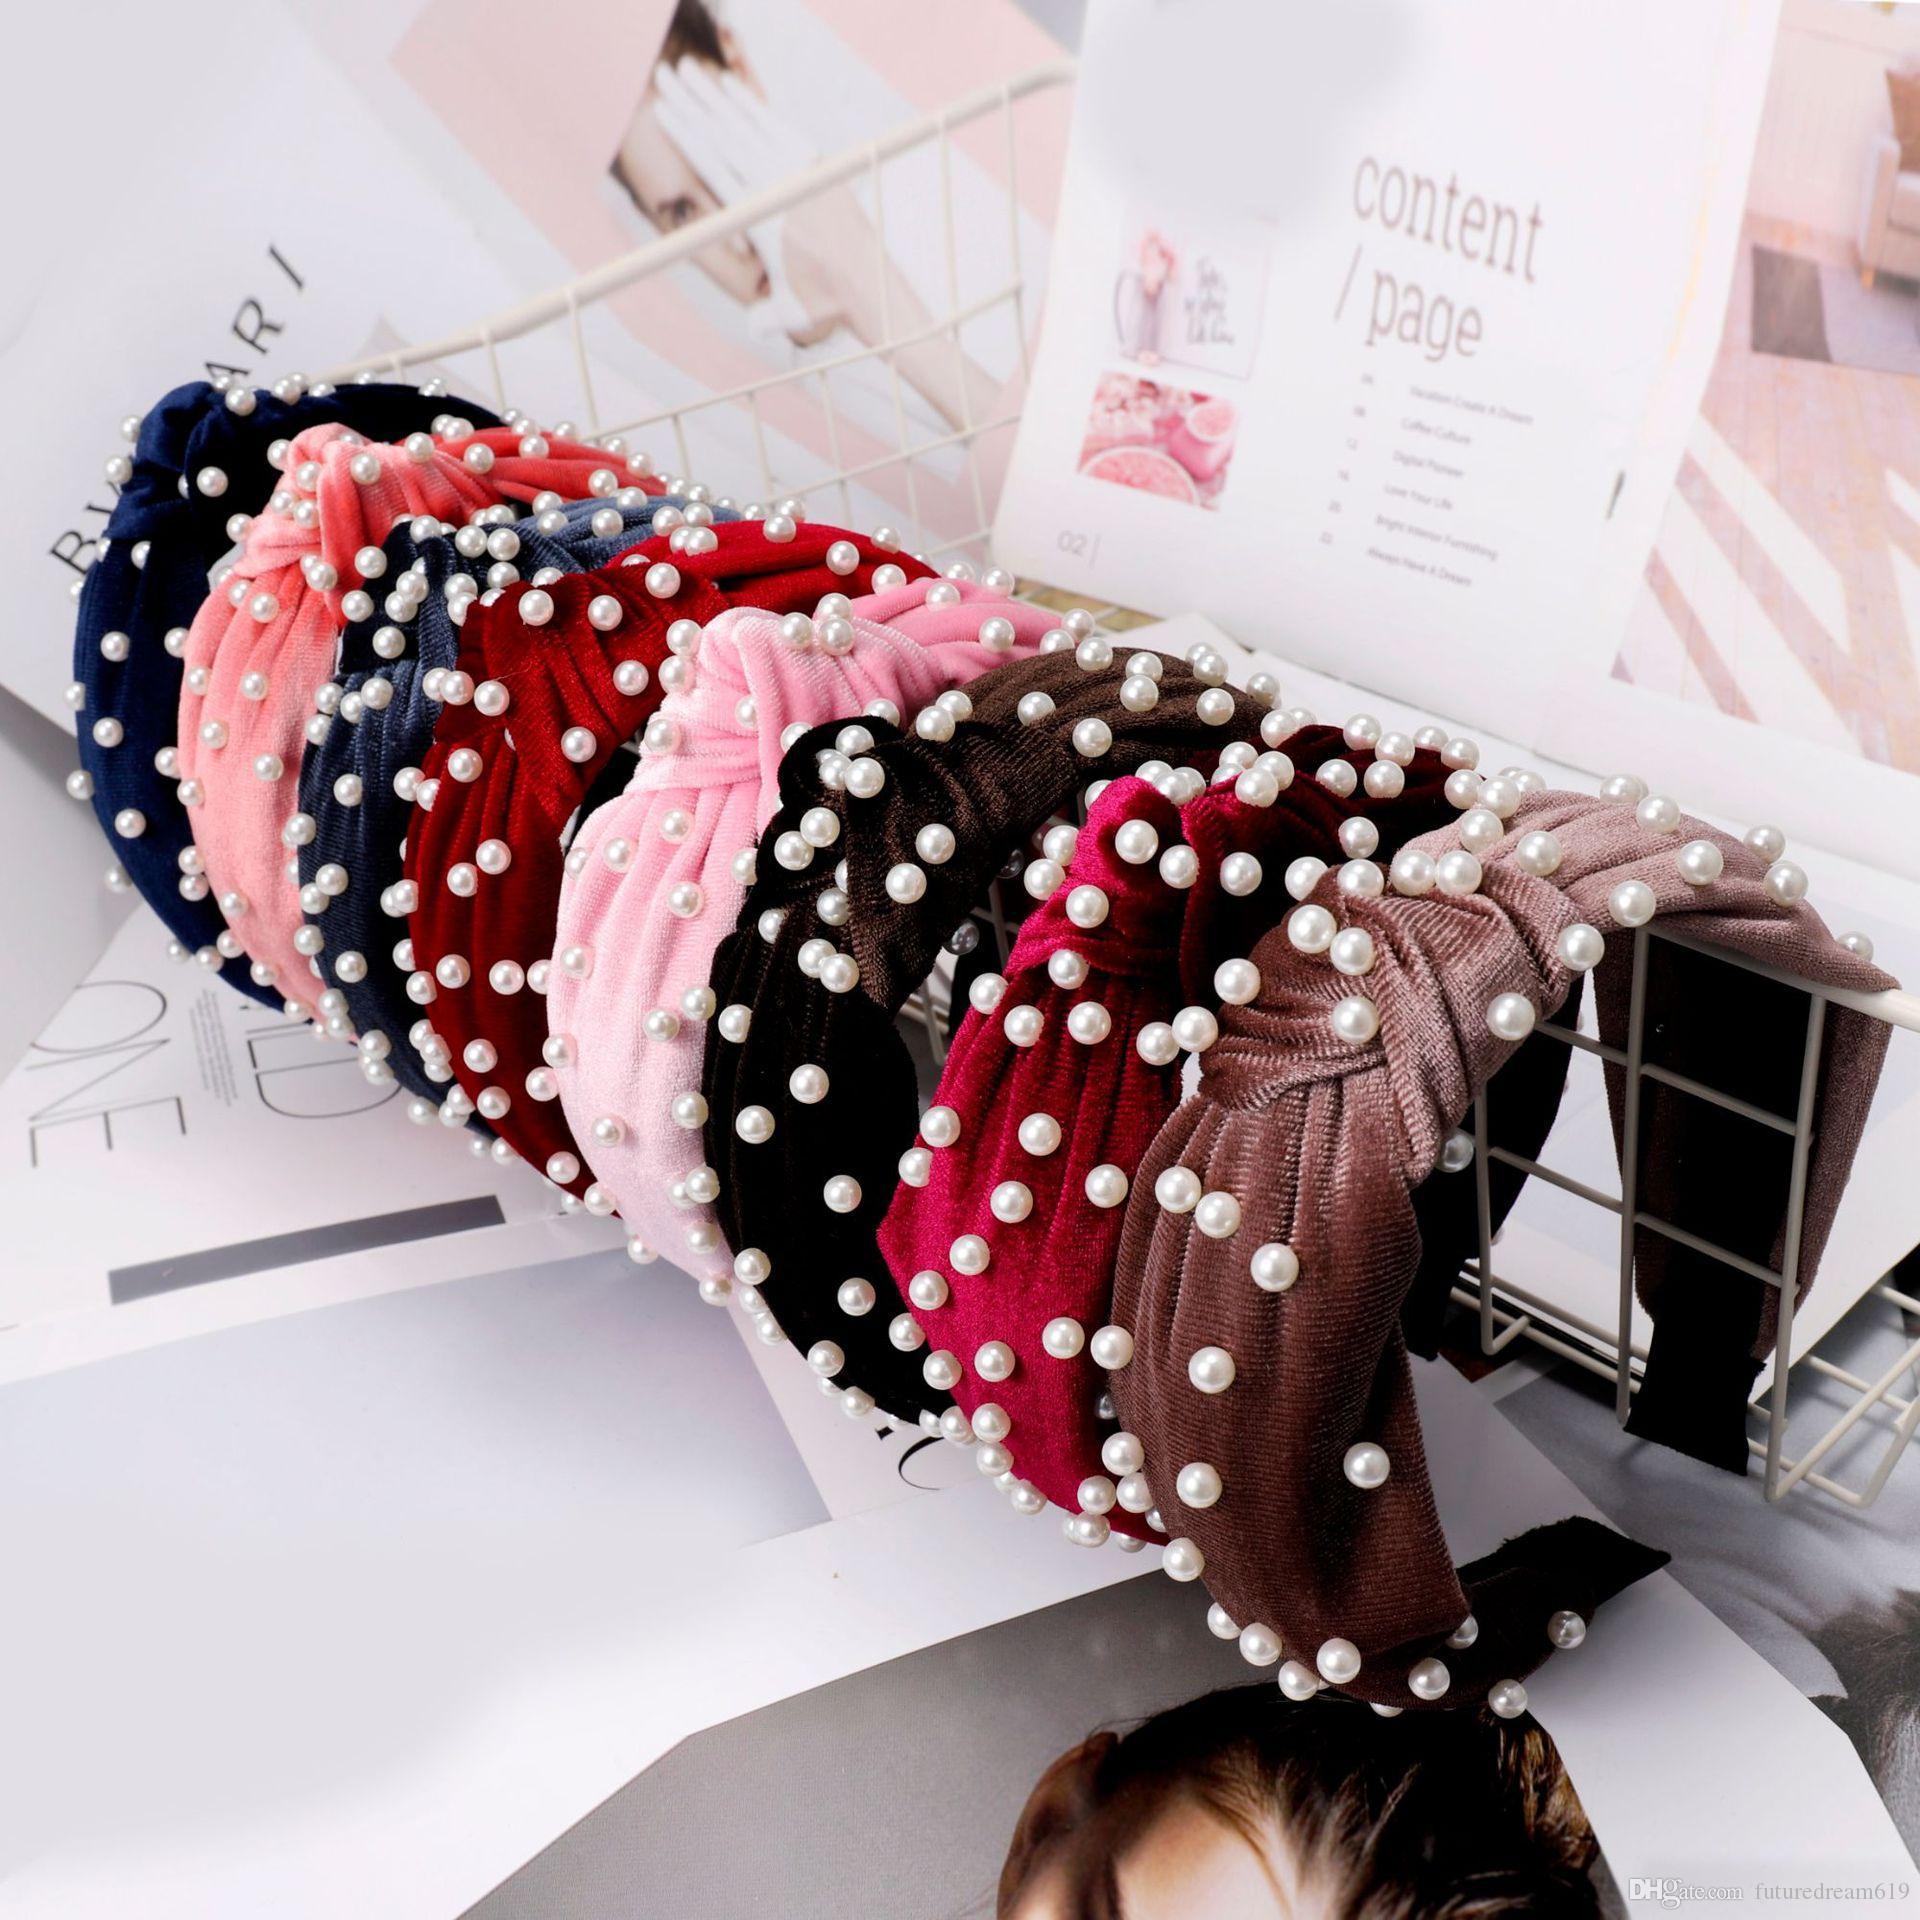 Candy Color Girl Полный Бисероплетение Лук Дизайн Pleuche лента для волос Бутик Палочки для волос Очаровательный Аксессуар Для Волос